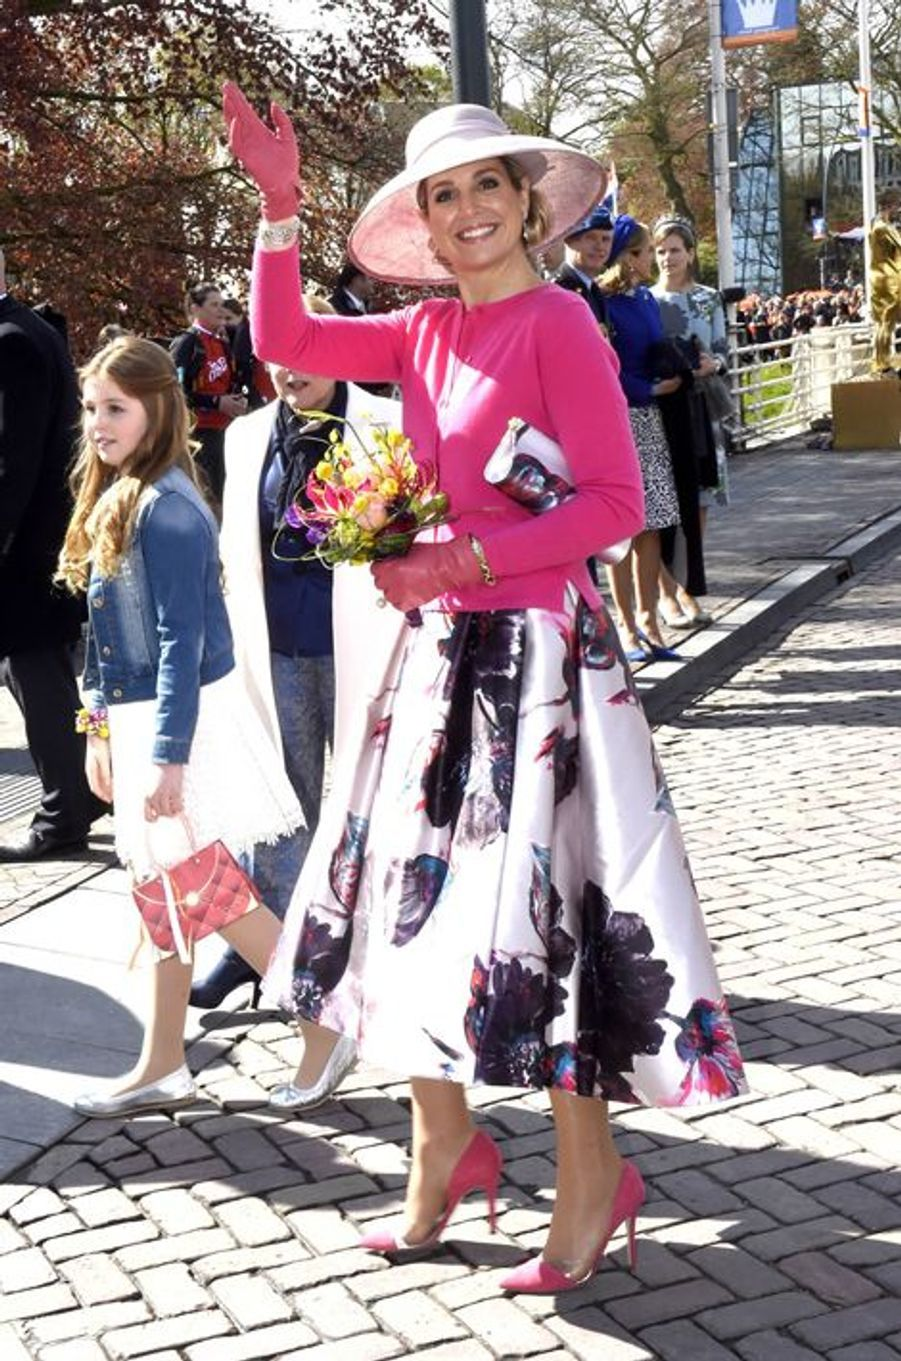 La reine Maxima des Pays-Bas avec la princesse Alexia à Zwolle, le 27 avril 2016